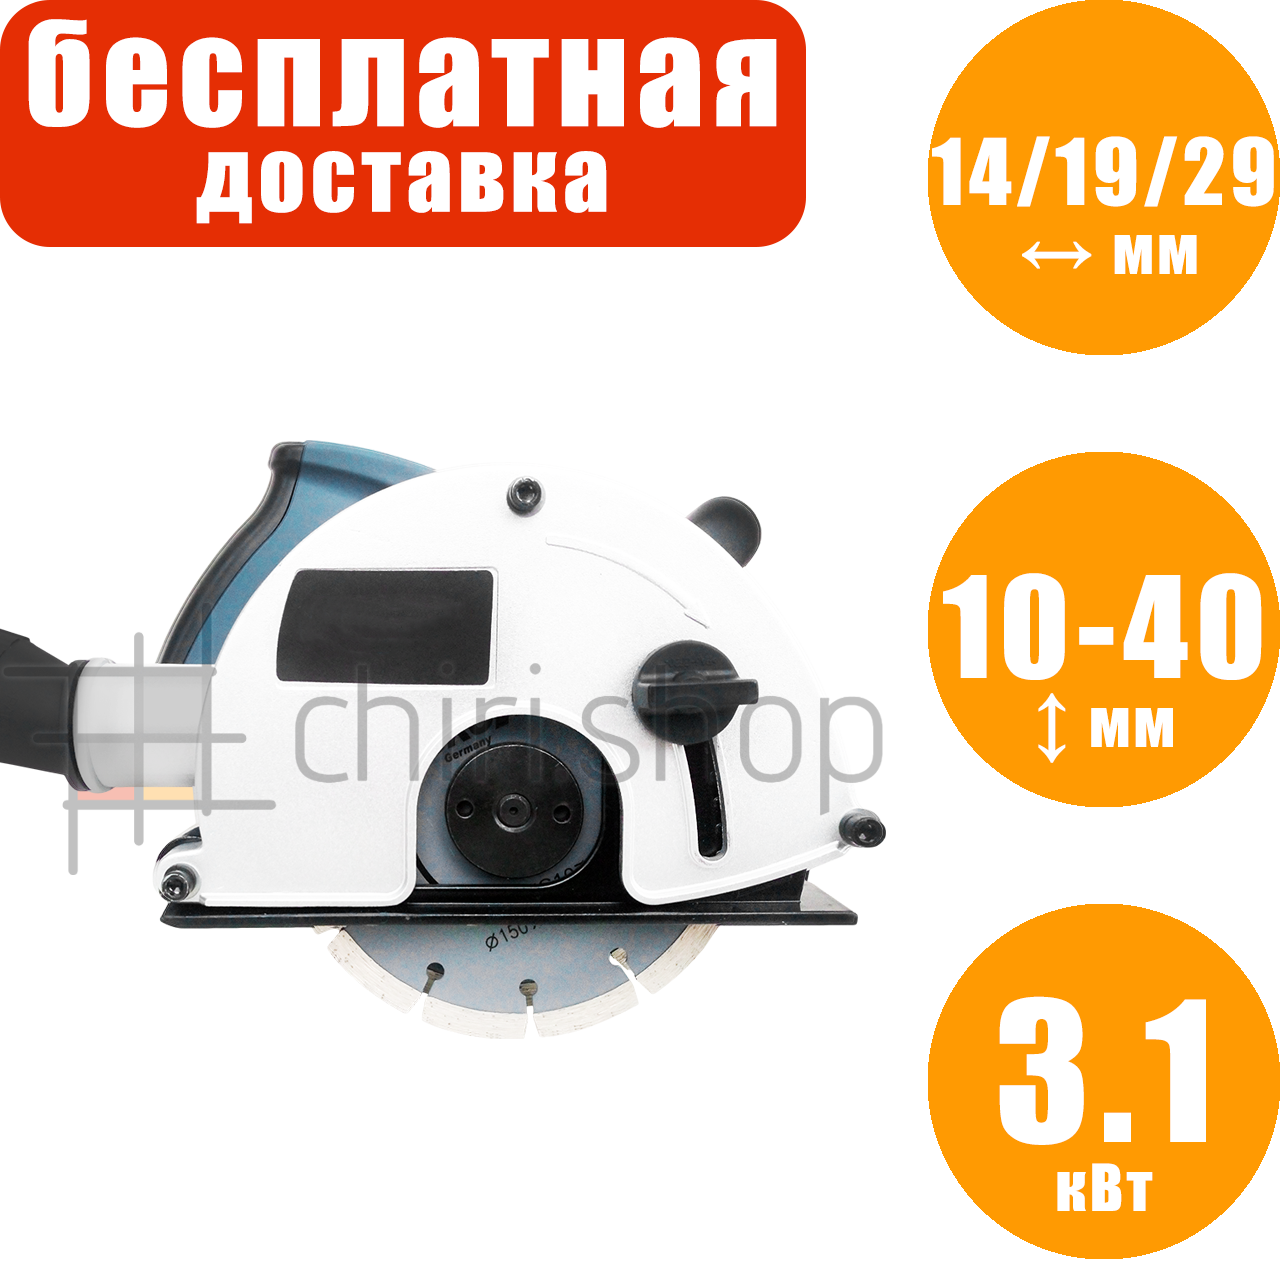 Штроборез бороздодел 14/19/29 мм, глубина 10-40 мм, Erman WC 107 машинка для штробления